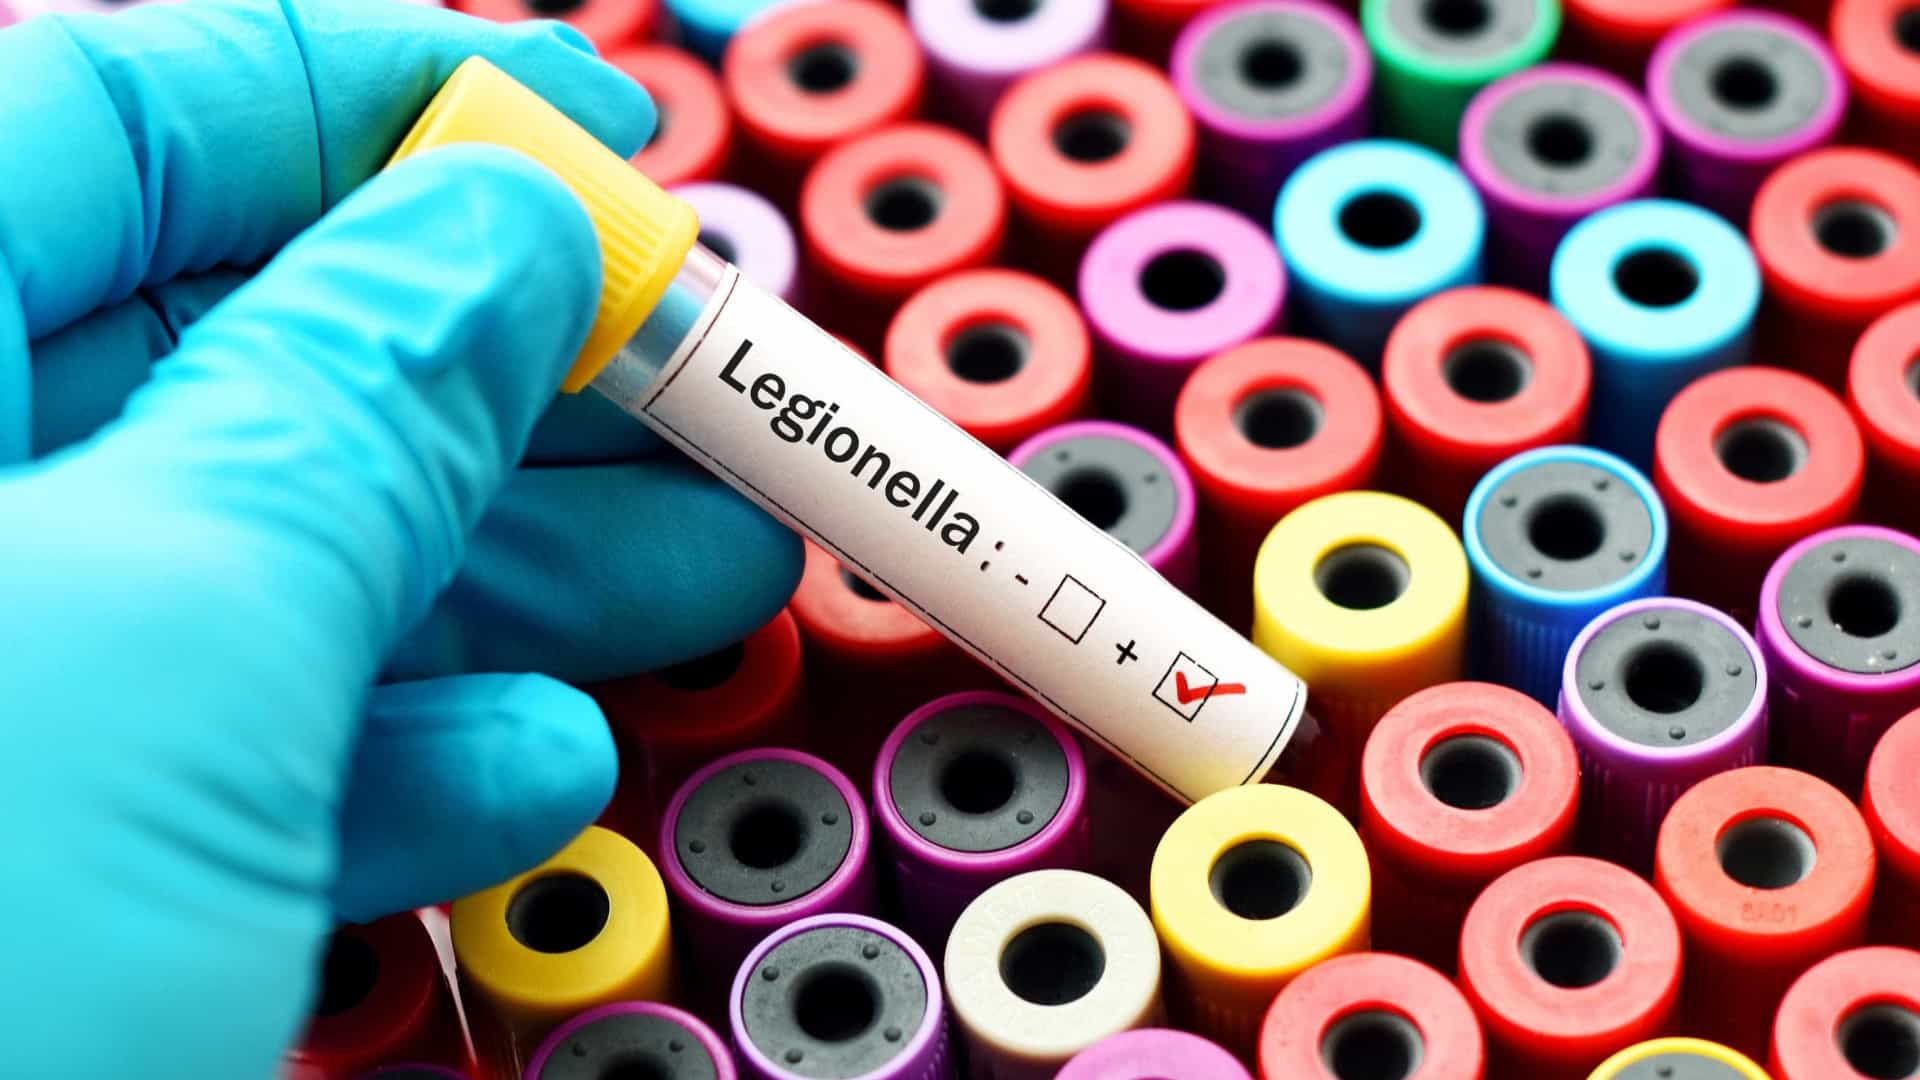 Detetados quatro casos de legionella no Hospital CUF Descobertas